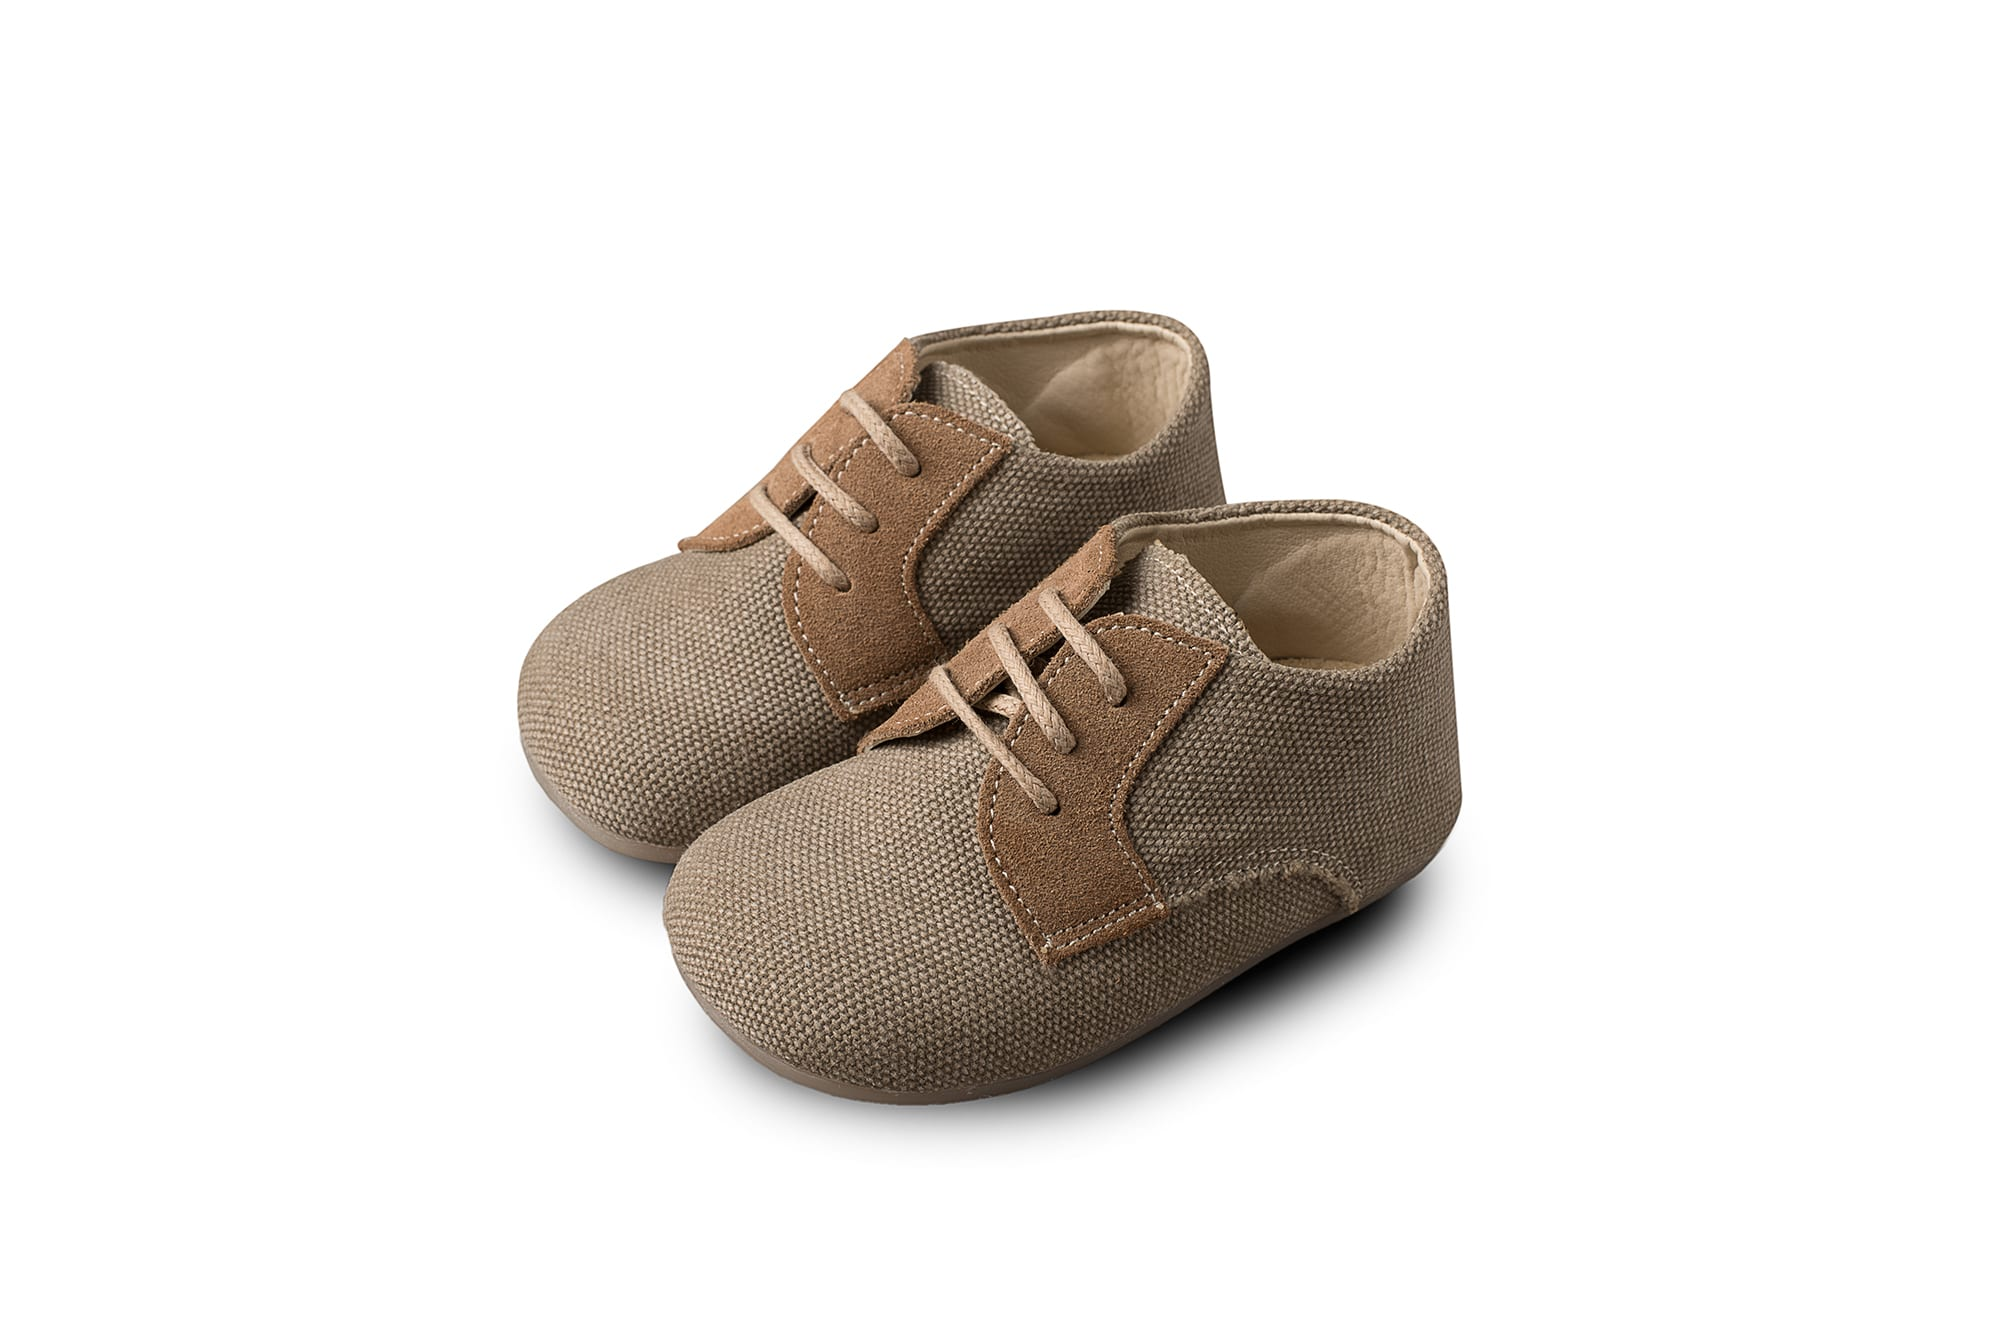 049af54c1ff Βαπτιστικά Παπούτσια για Αγόρι Babywalker Δετά Υφασμάτινα Brogues